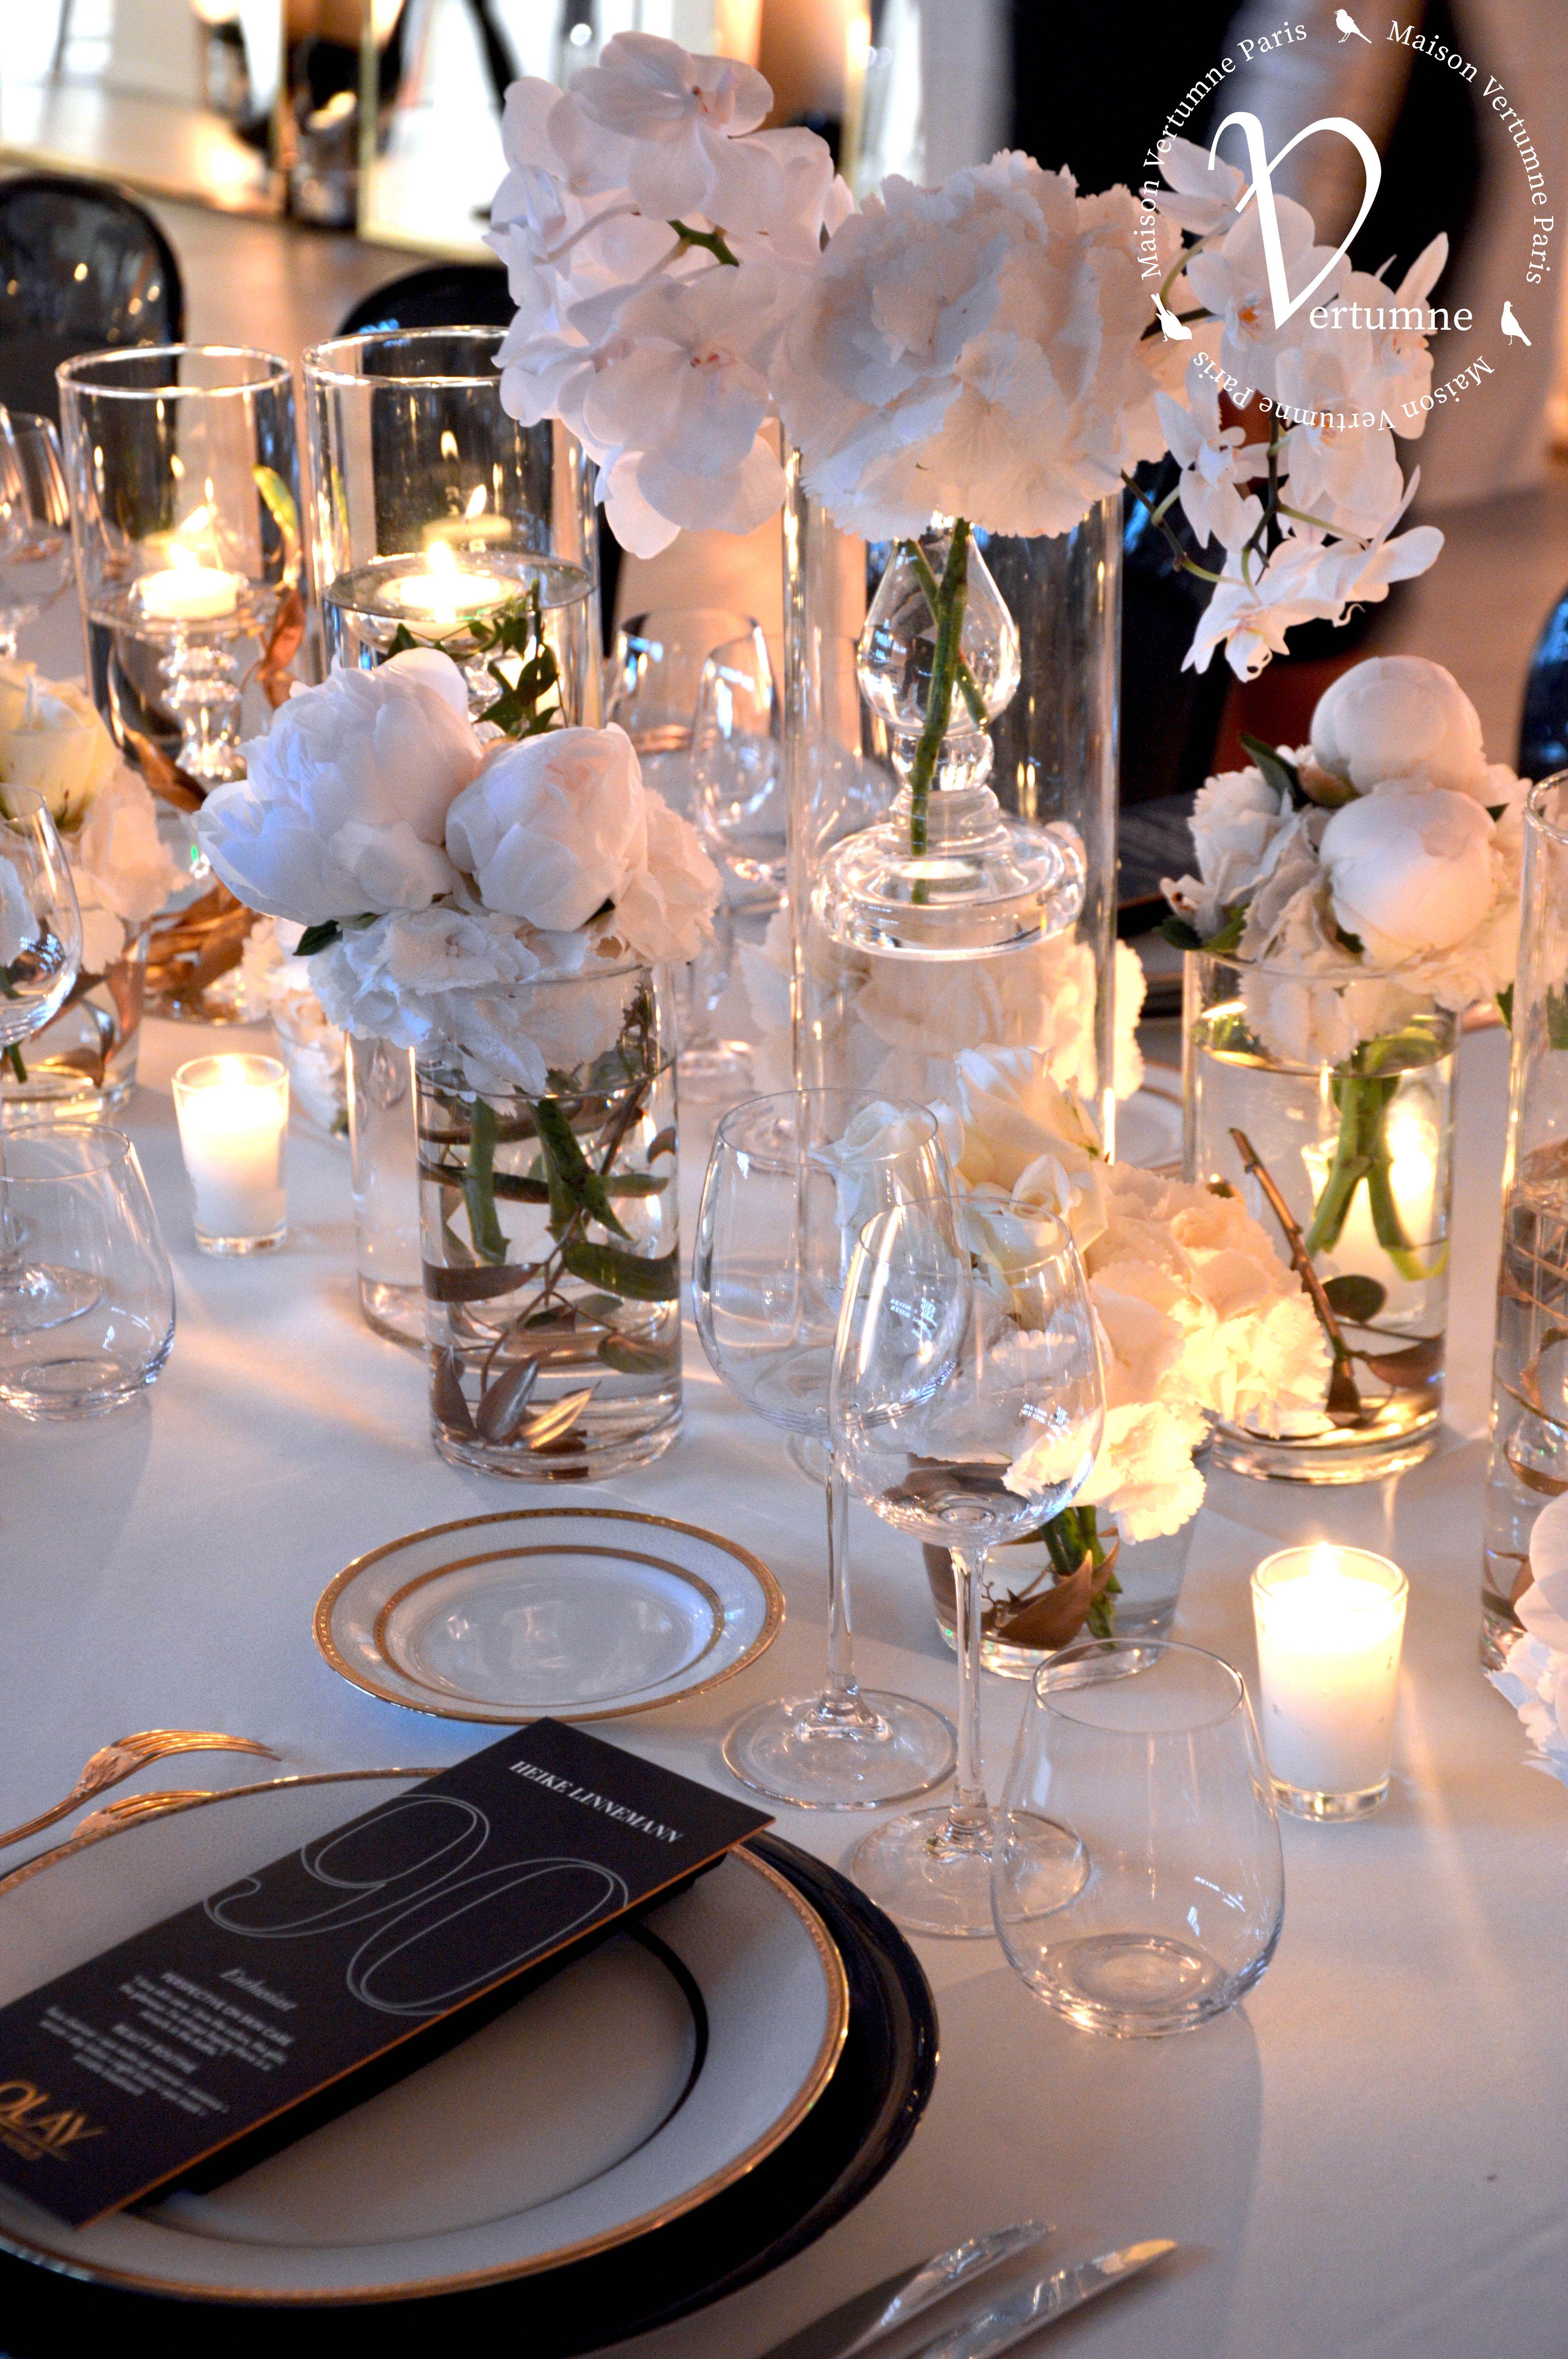 Bougie Décoration De Table décortable #déco #florale~#fleurs #bougies #vase #olay